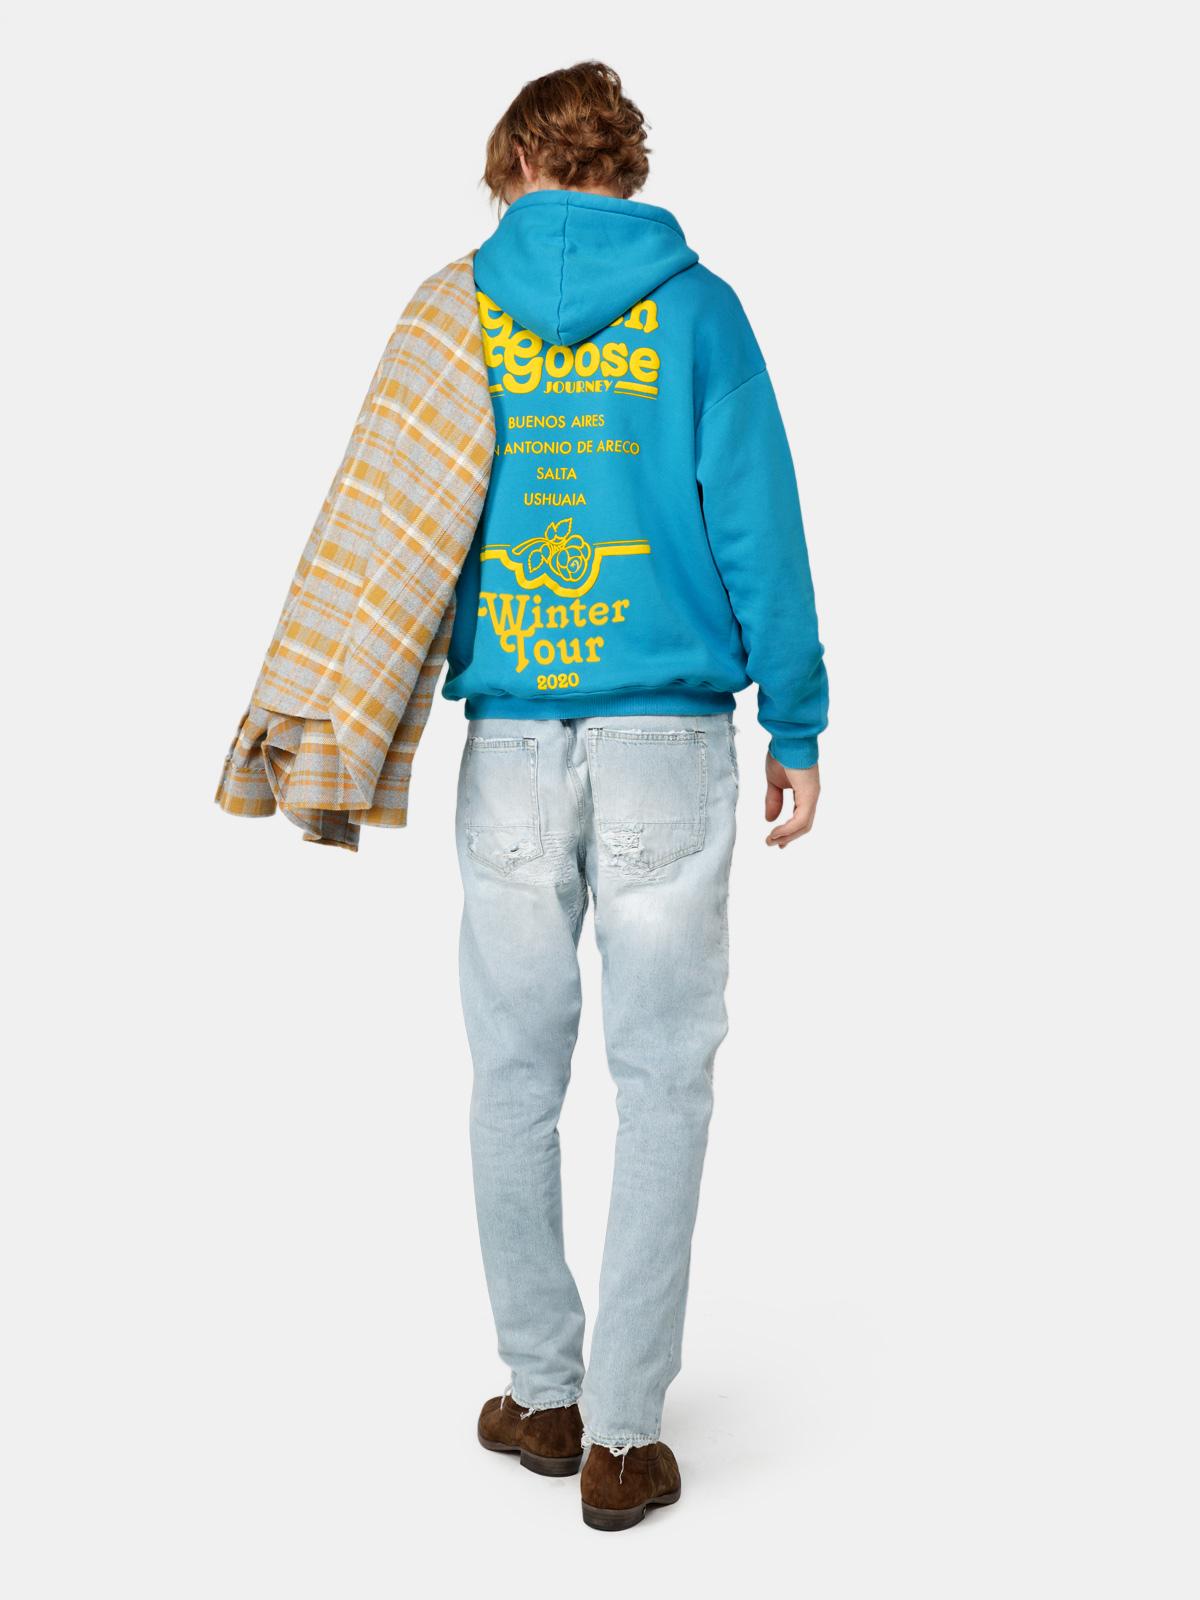 Golden Goose - Argentina Travel Guide sweatshirt in